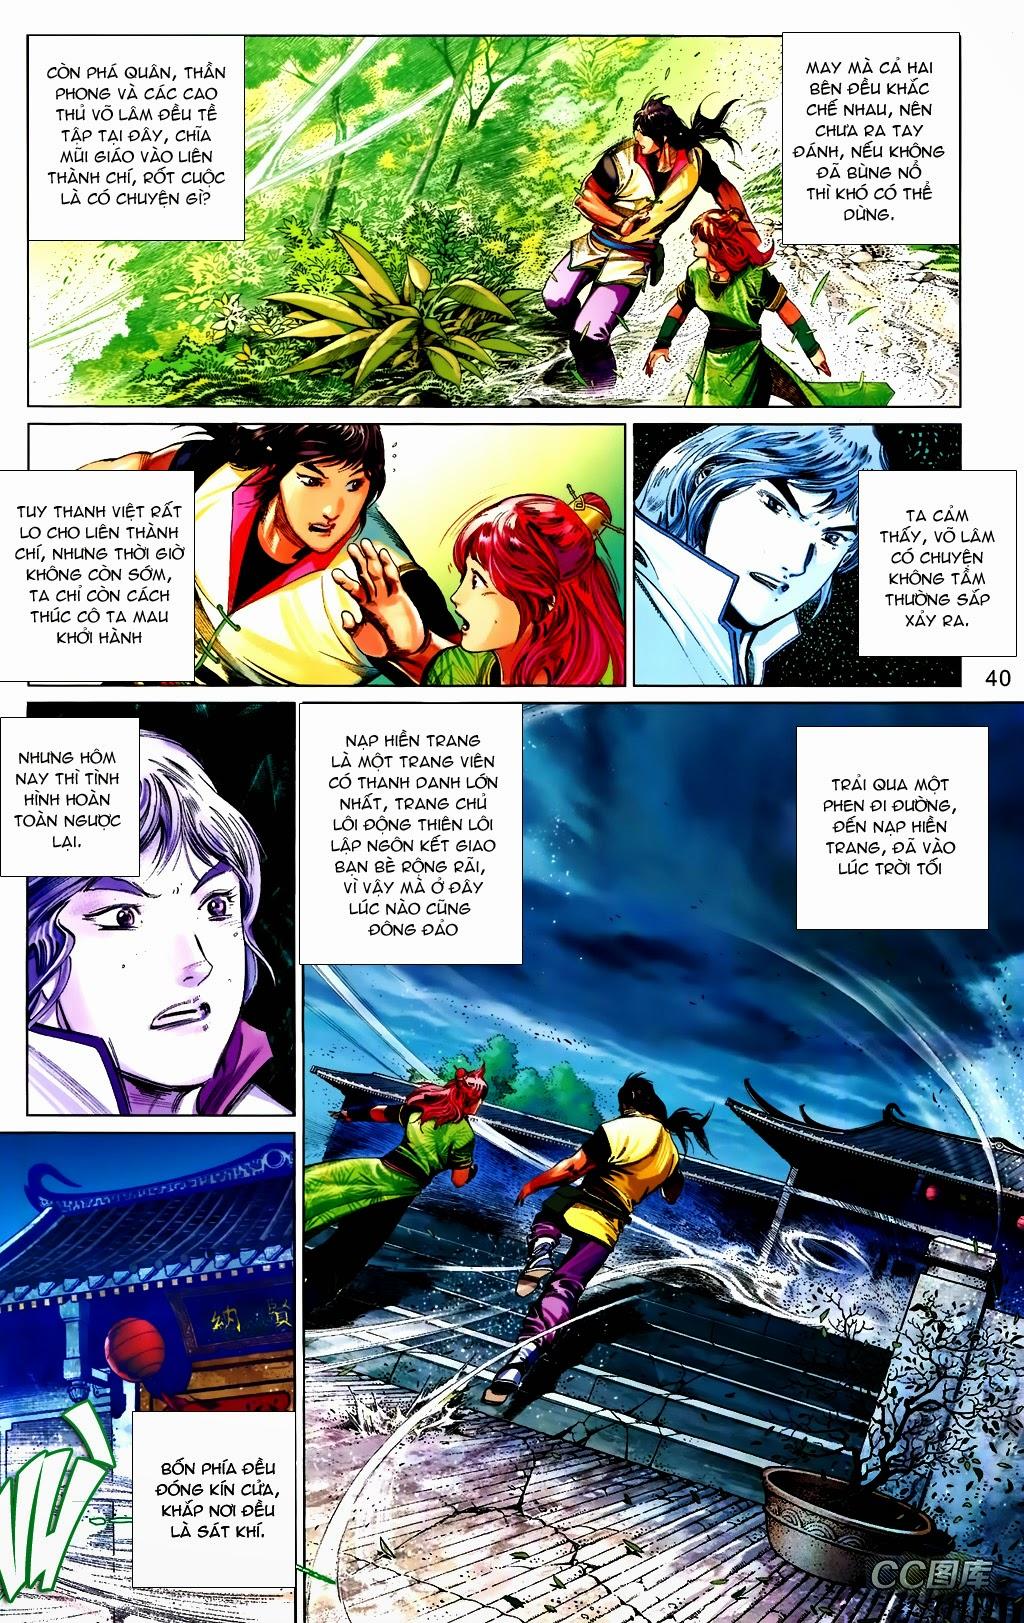 Phong Vân Chap 663 - Trang 40